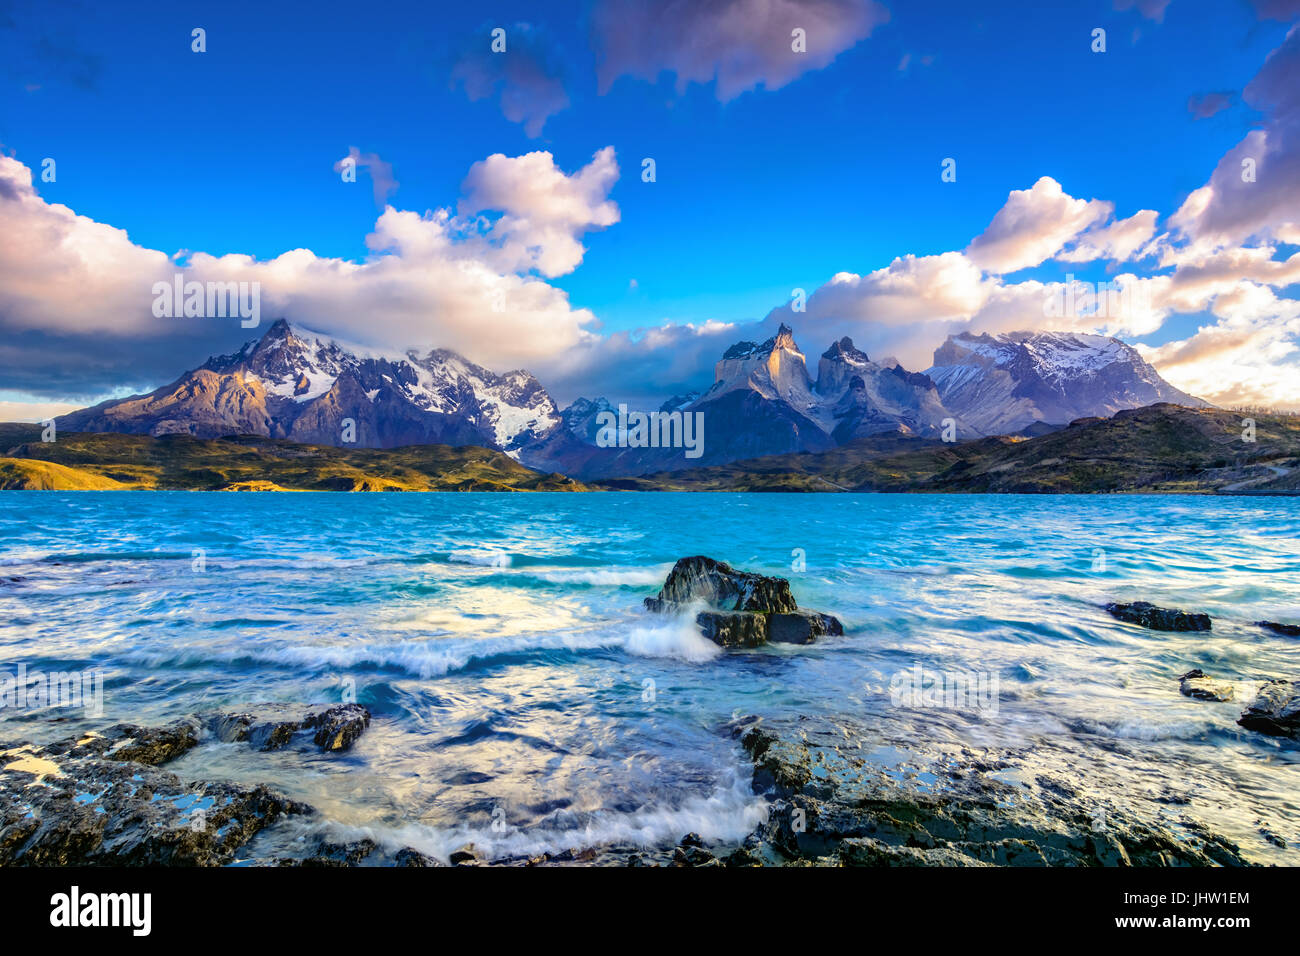 Torres del Paine en el lago Pehoé, Patagonia, Chile - Campo de Hielo Patagónico Sur, región de sudamérica magellanes Foto de stock